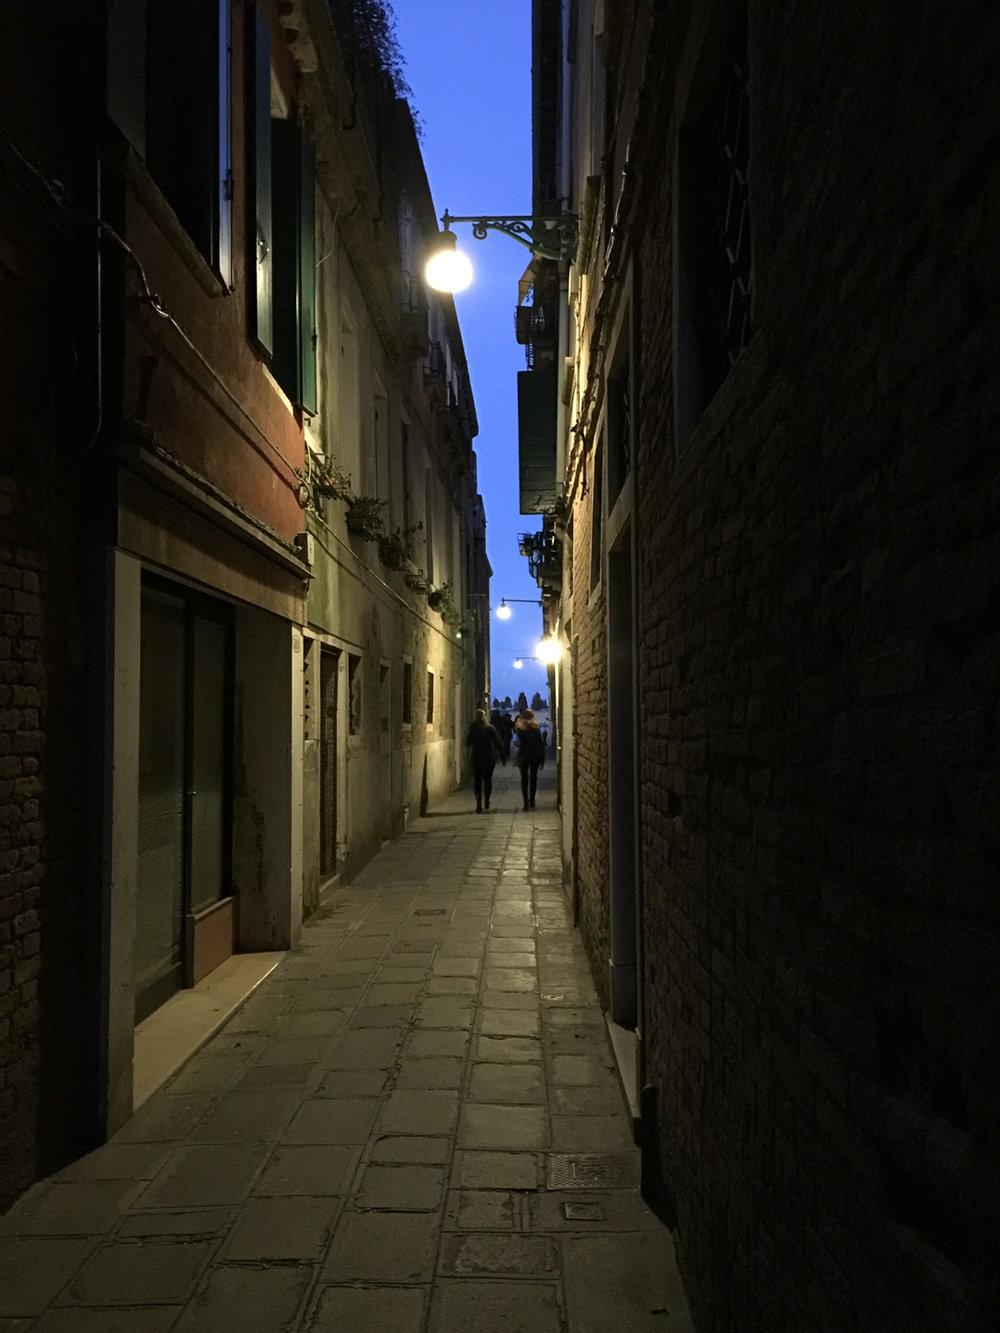 calle di notte